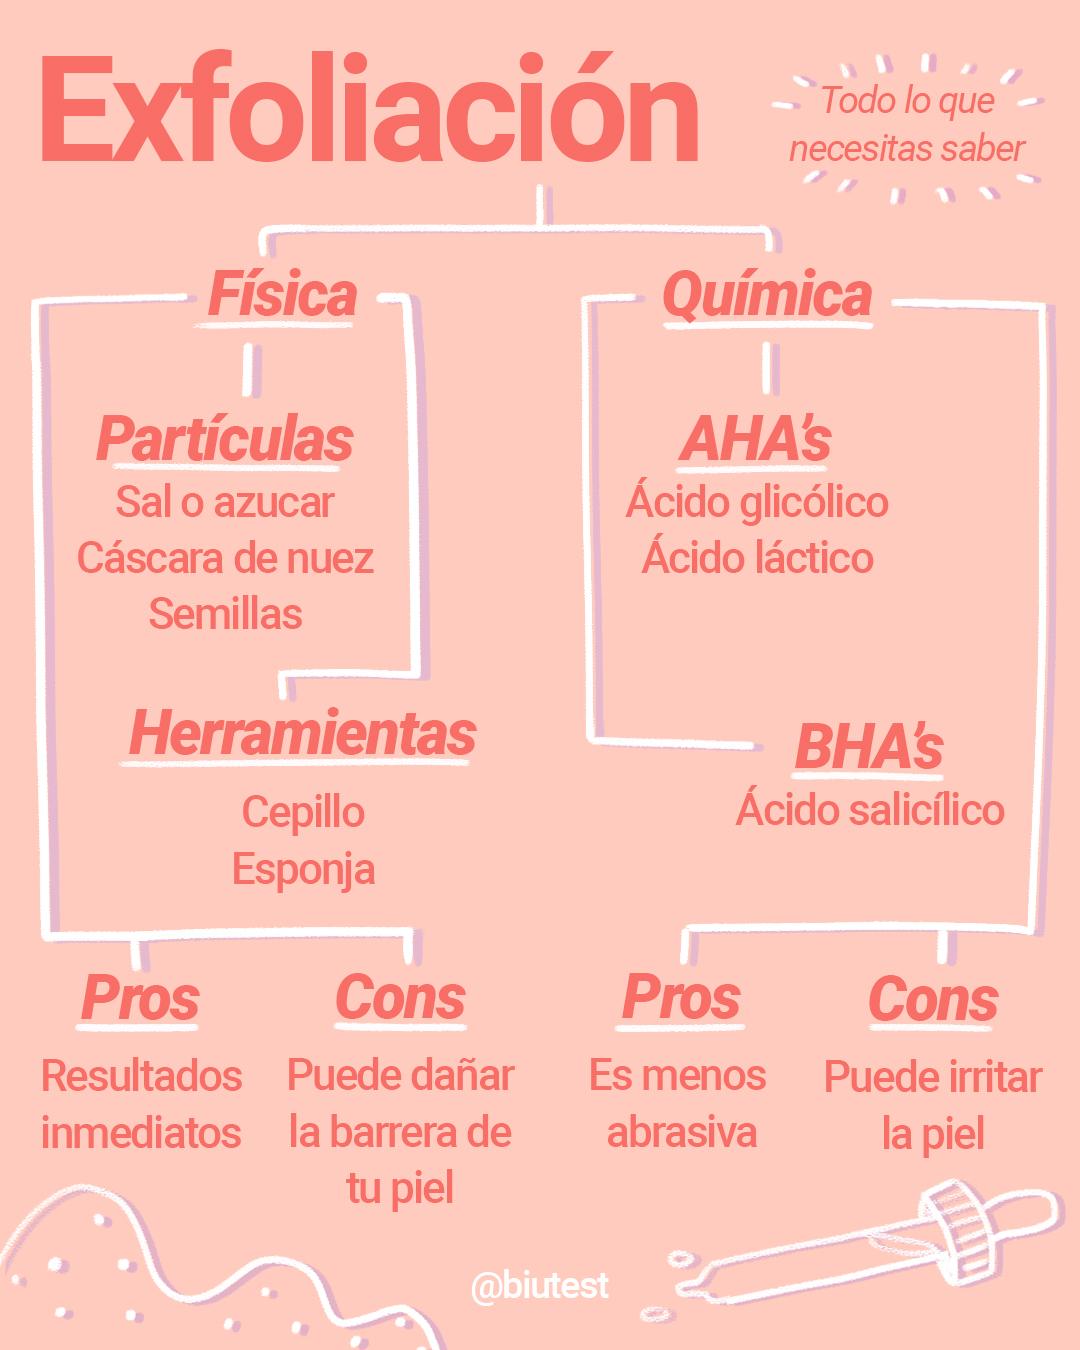 diferencia entre exfoliante fisico vs quimico